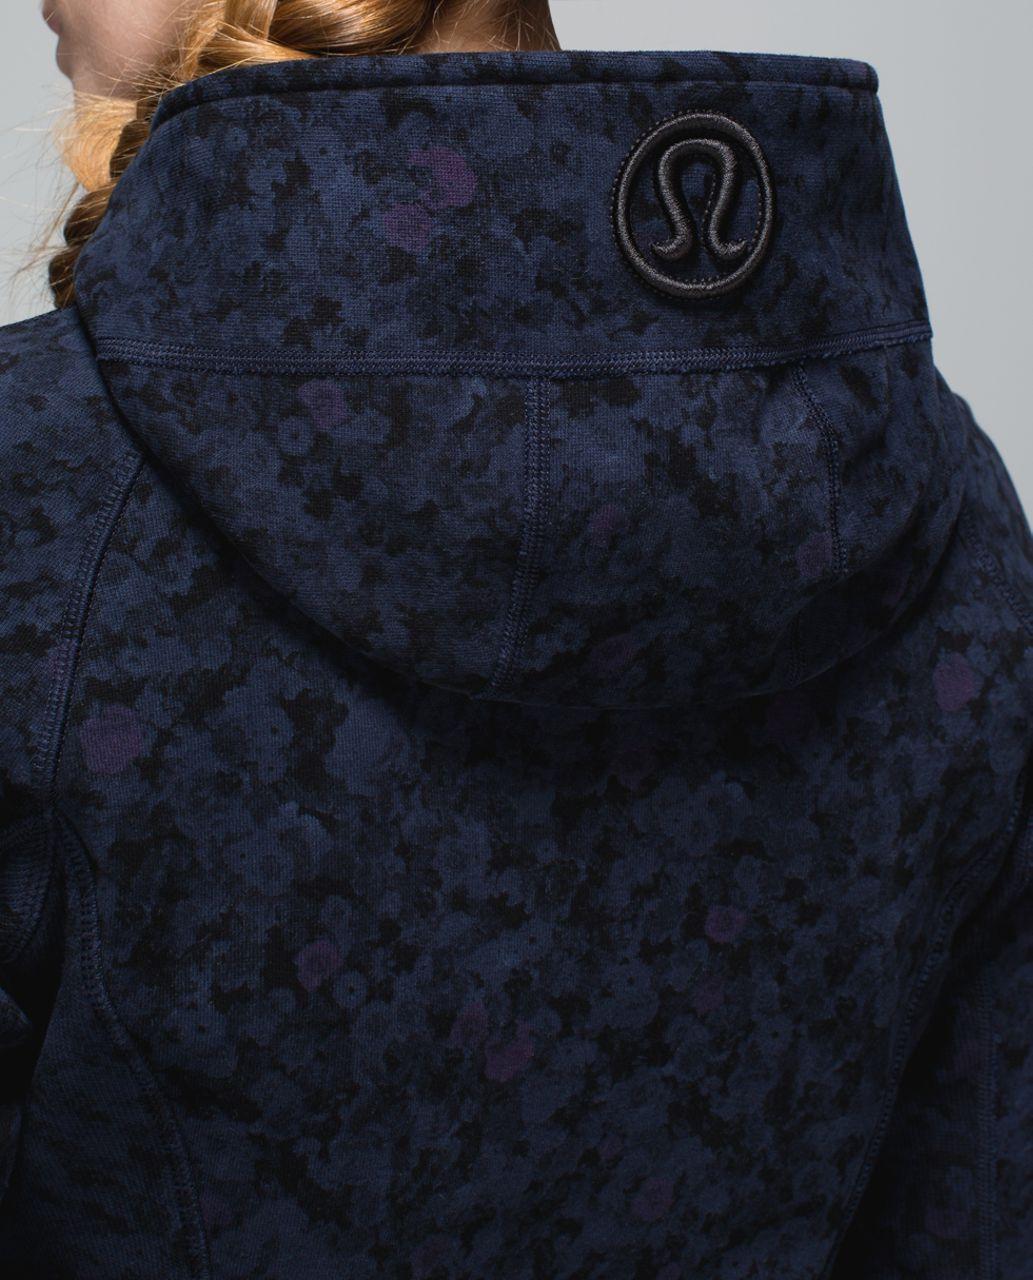 Lululemon Scuba Hoodie II - Biggie Prism Petal Inkwell Black / Inkwell